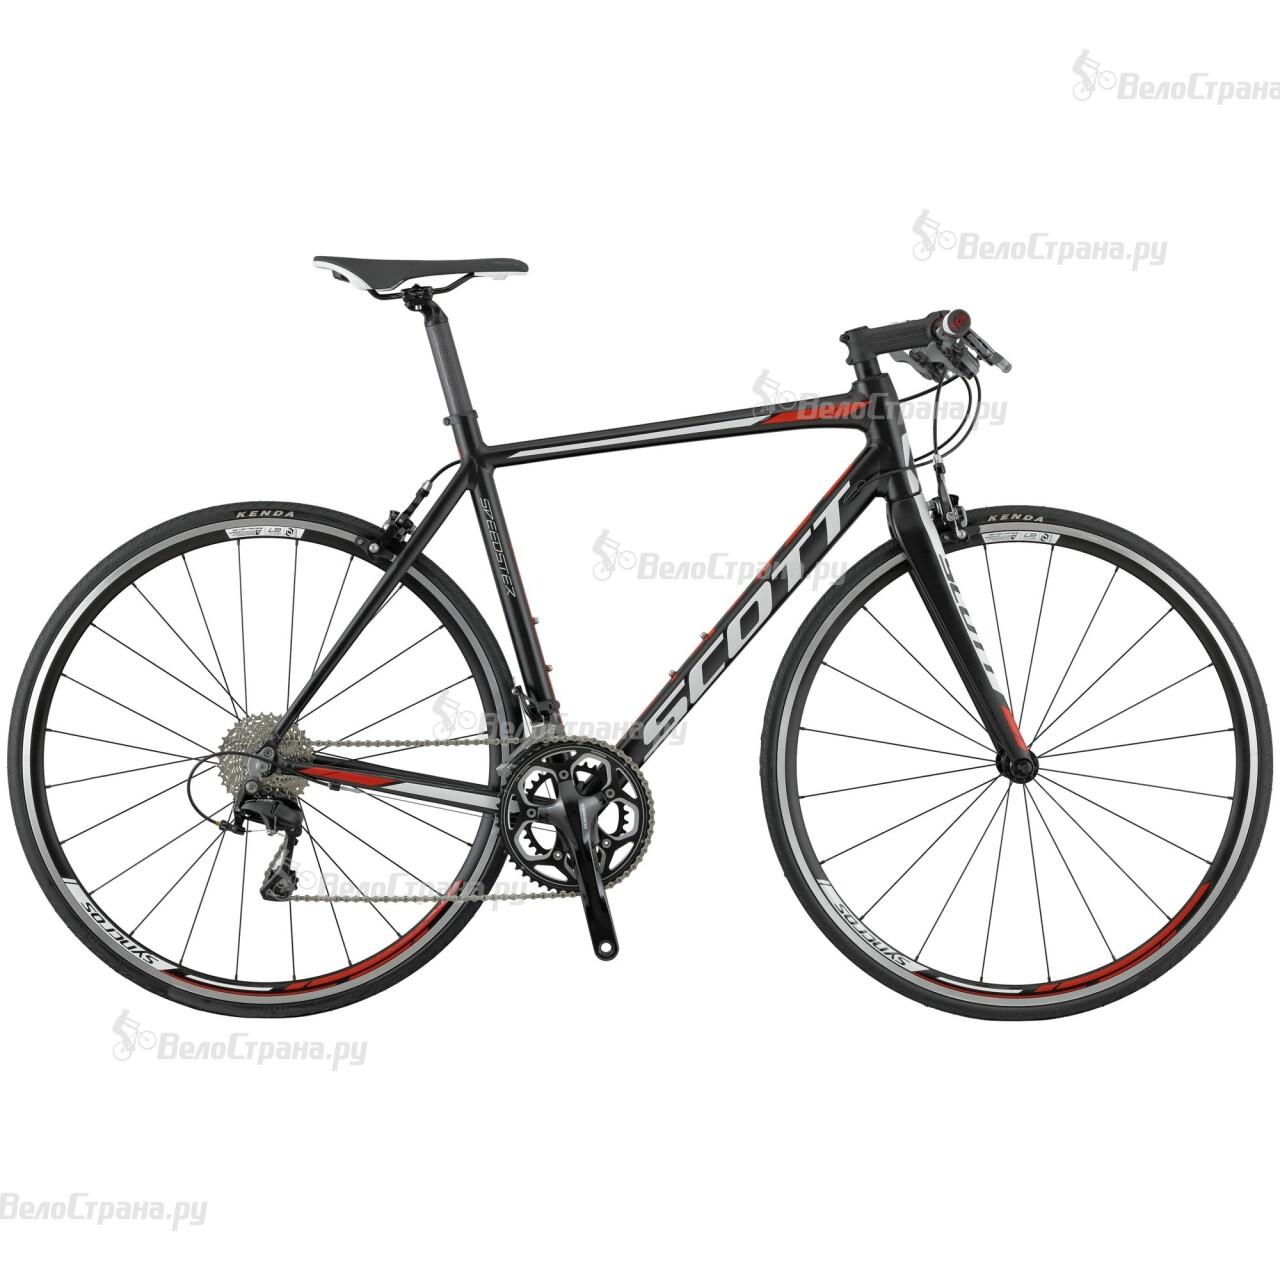 Велосипед Scott Speedster 20 FB (2016) отсутствует opel speedster